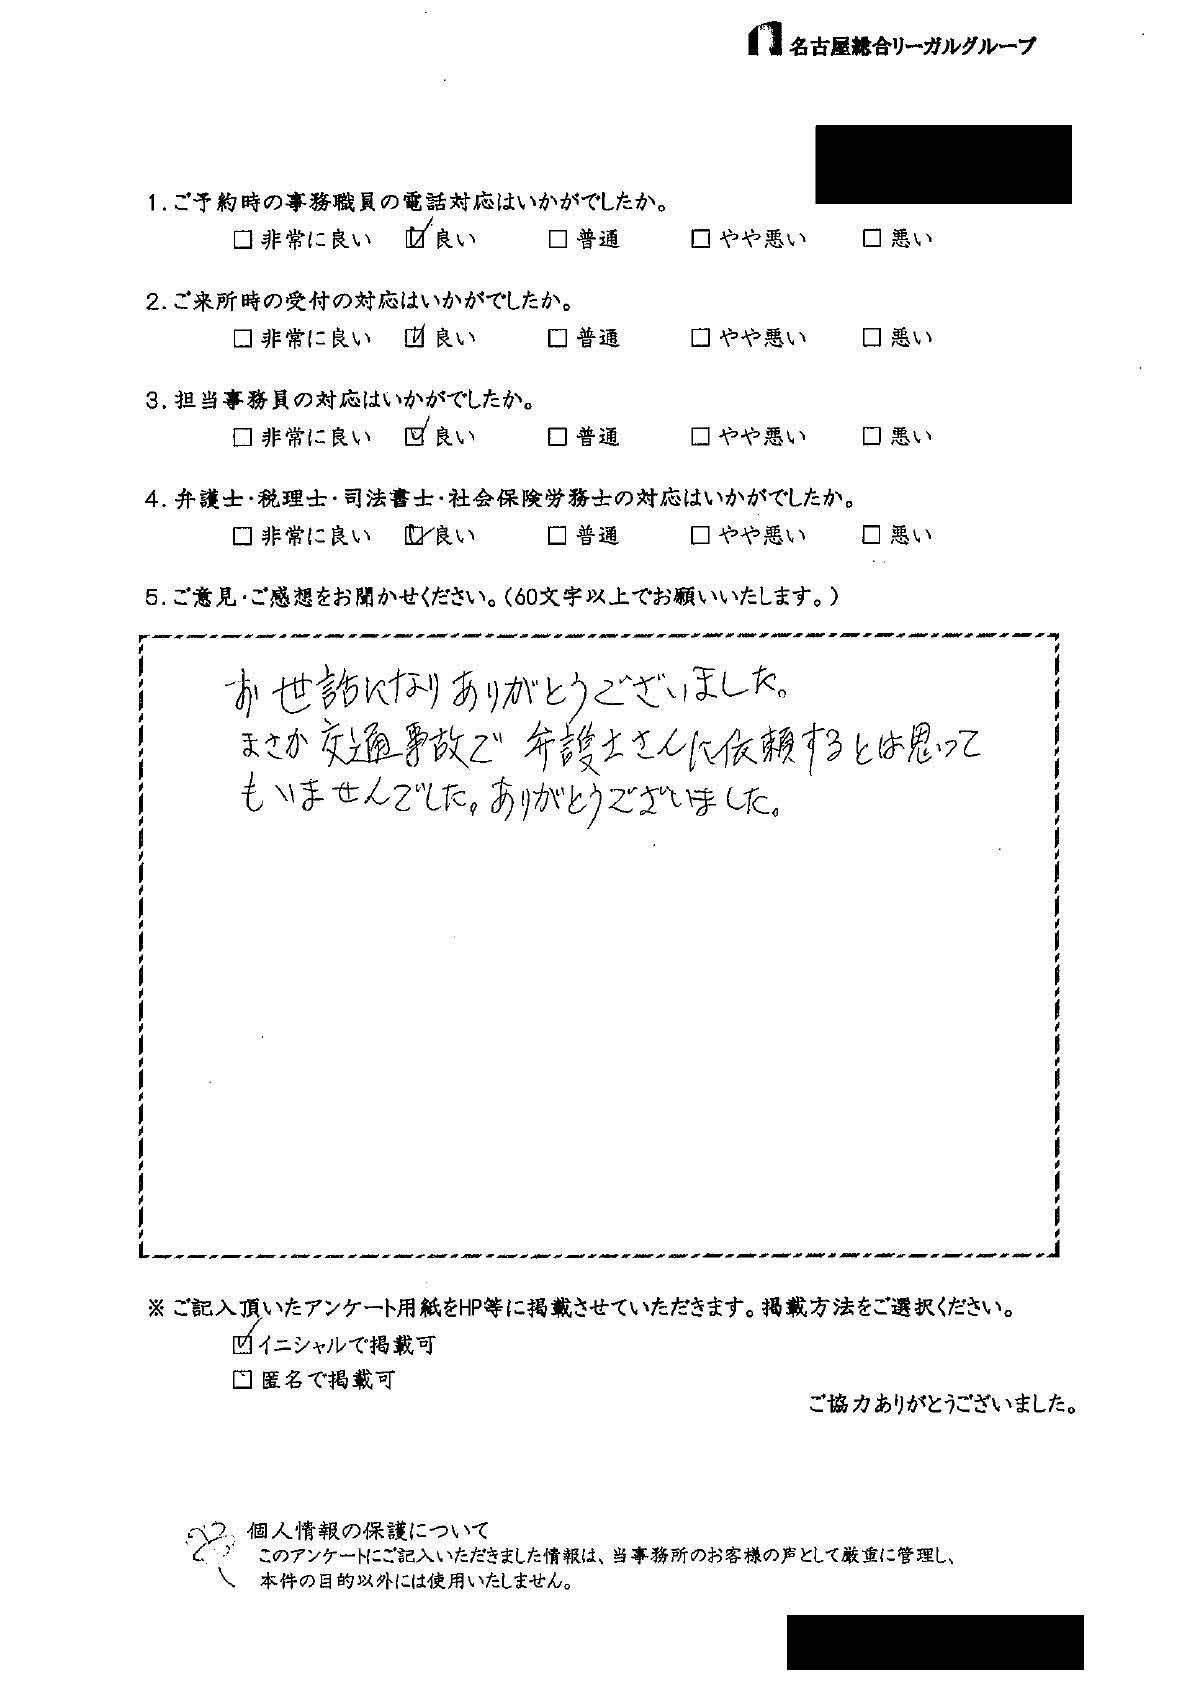 No.19 M.K 様